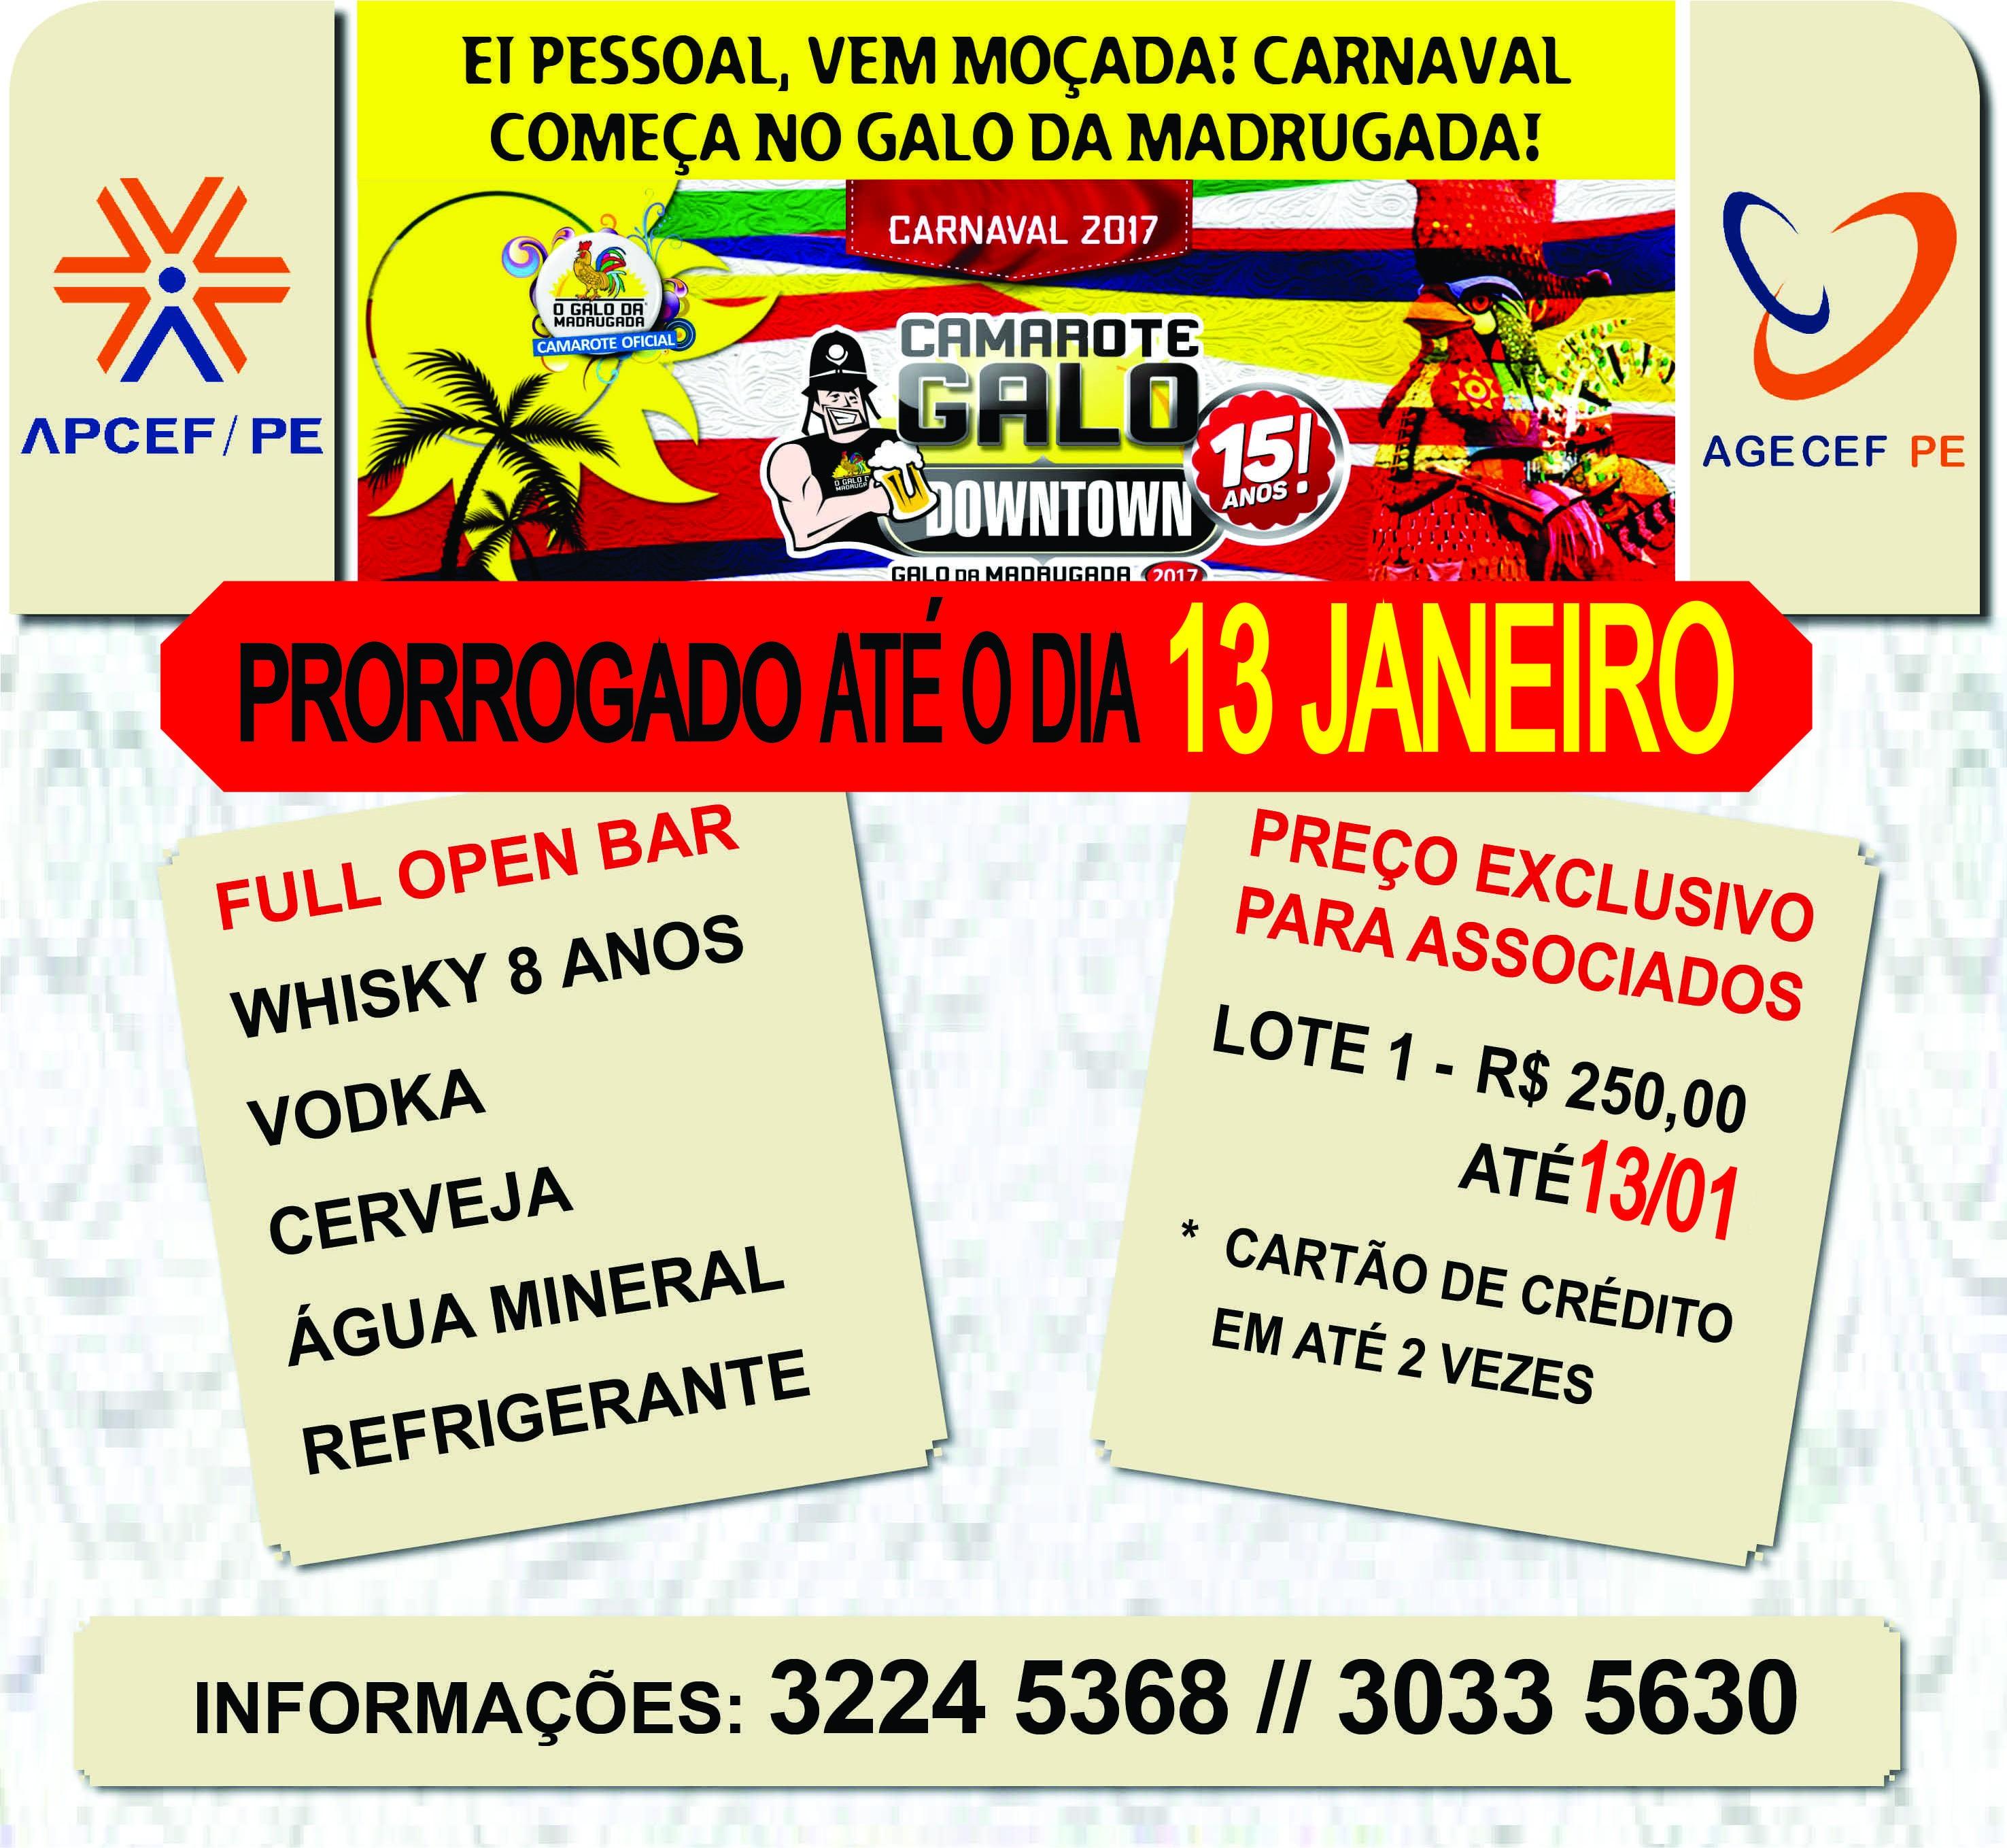 """Calendario Carnaval 2019 Recife Más Reciente Notcias Apcef Of Calendario Carnaval 2019 Recife Más Caliente Carnaval 2017 Gritos De """"fora Temer"""" orquestra Voadora Estreia"""